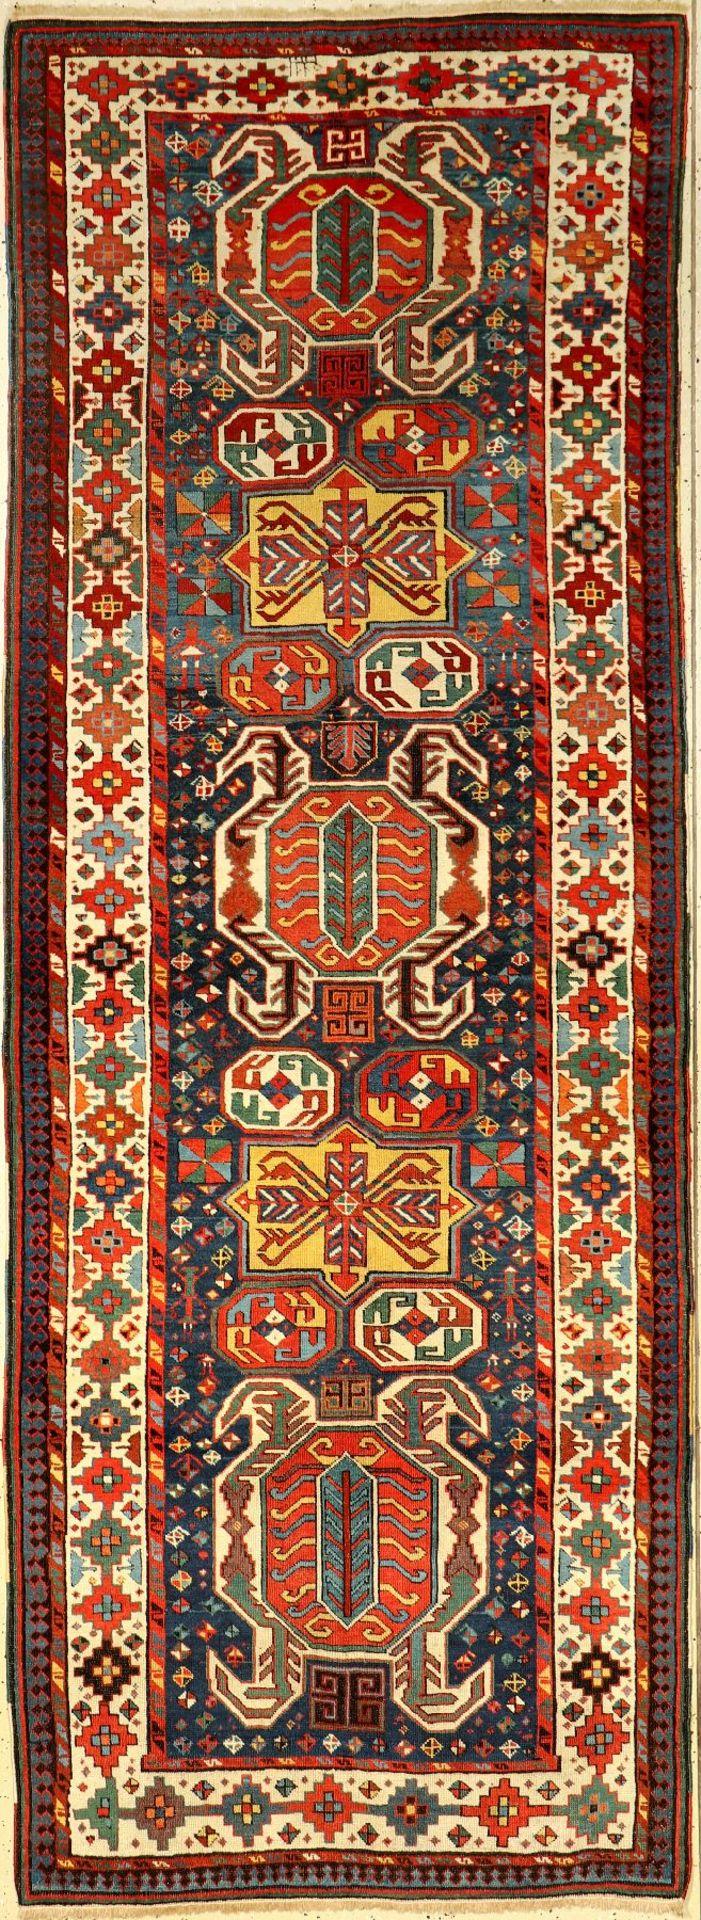 Lenkoran-Talish antik, Kaukasus, 19.Jhd., Wolle auf Wolle, ca. 303 x 110 cm, feine Qualität, gute